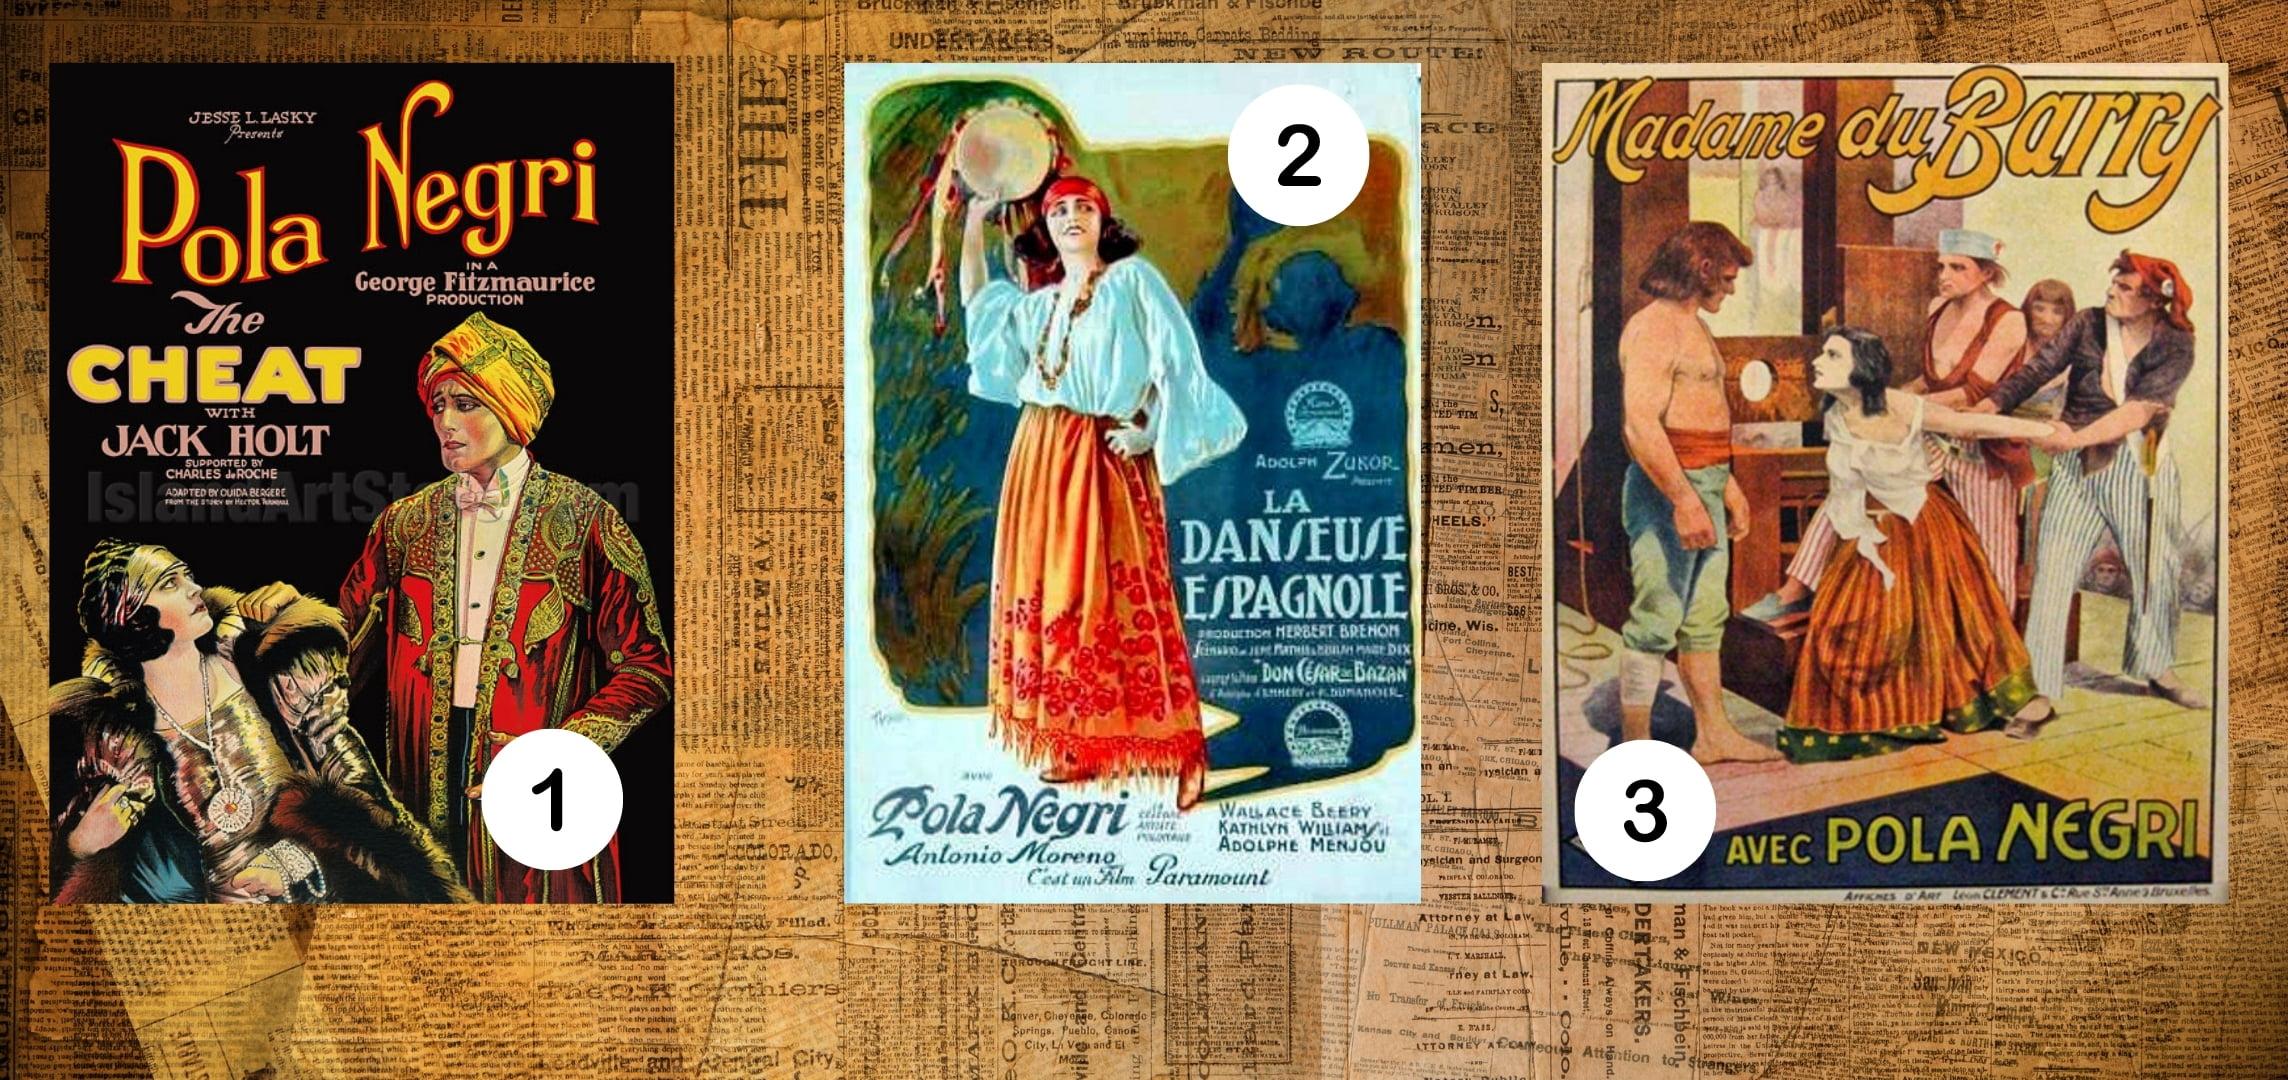 Numer jeden tofilm Napiętnowana, Numer dwa tofilm Tancerka hiszpańska. Numer trzy tofilm Madame du Barry.